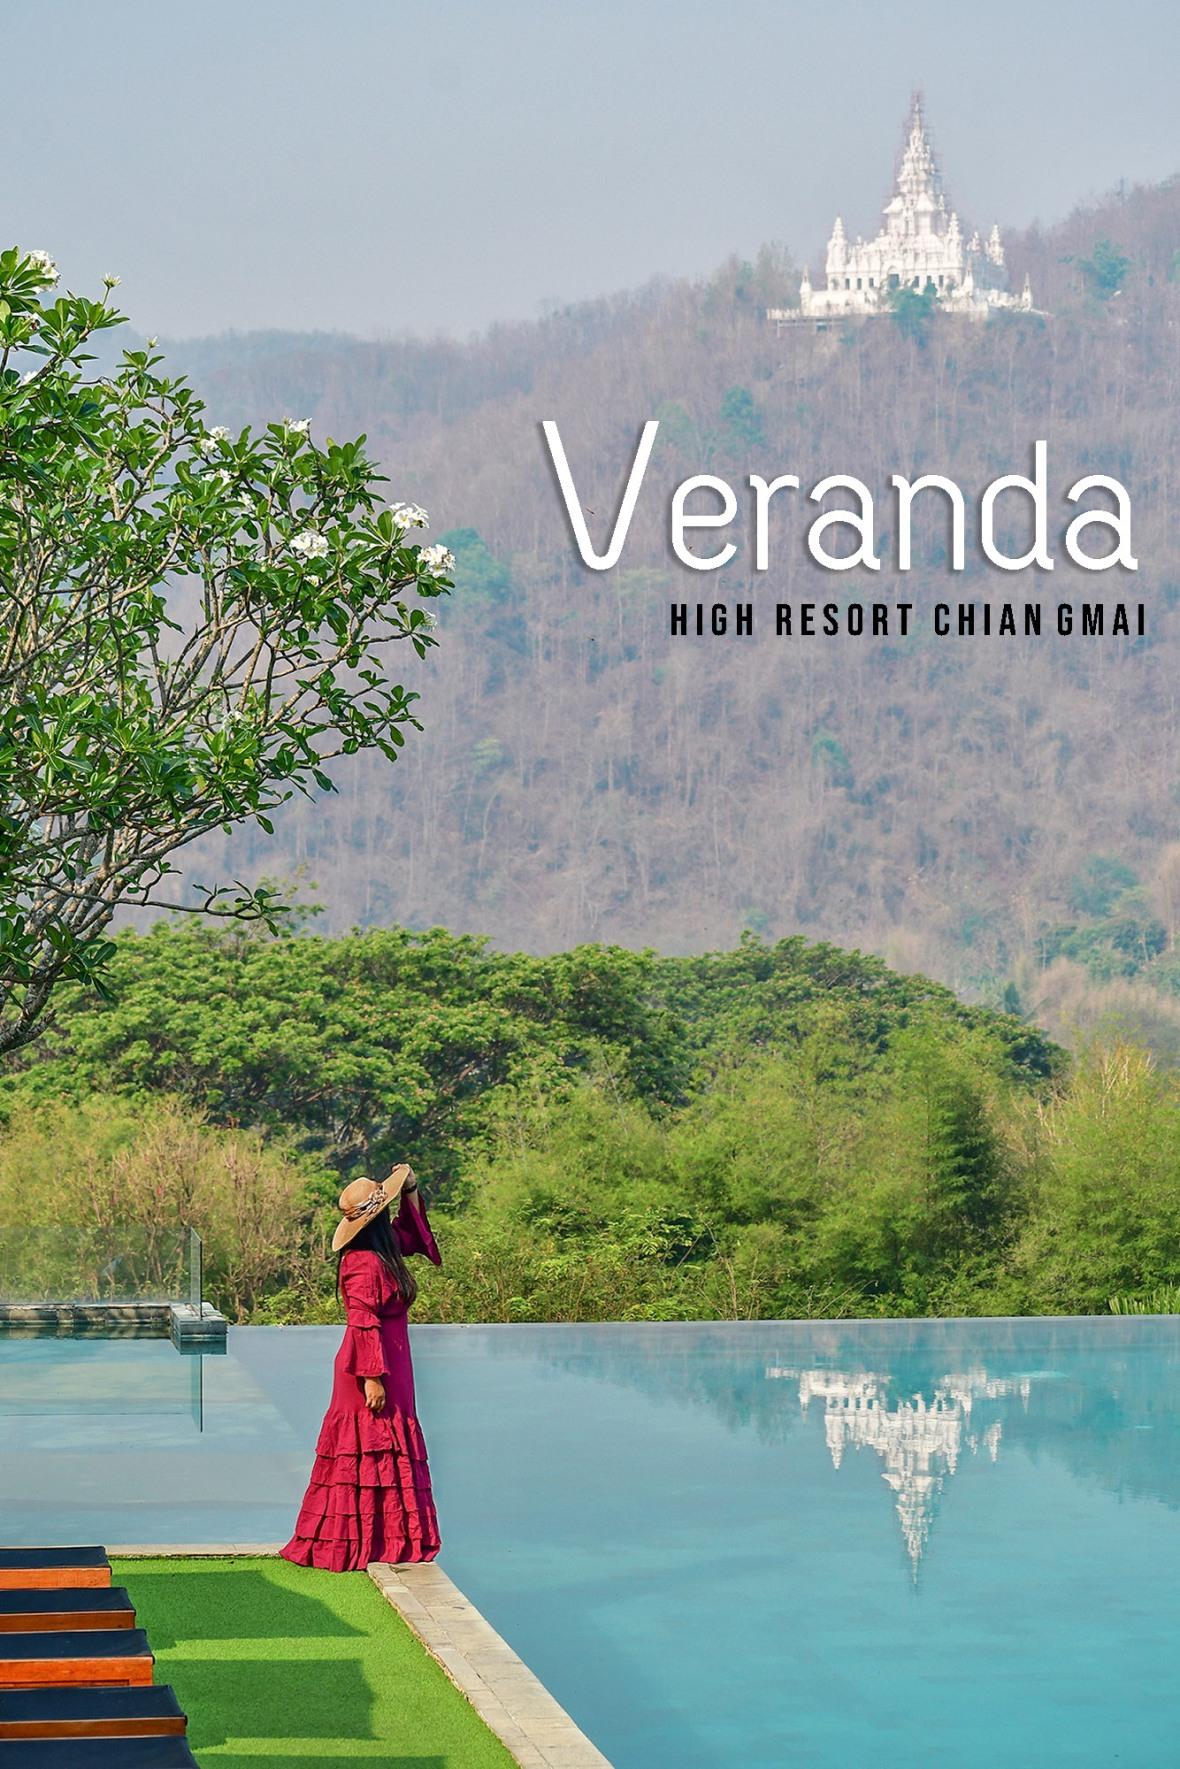 Veranda Chaingmai (1)